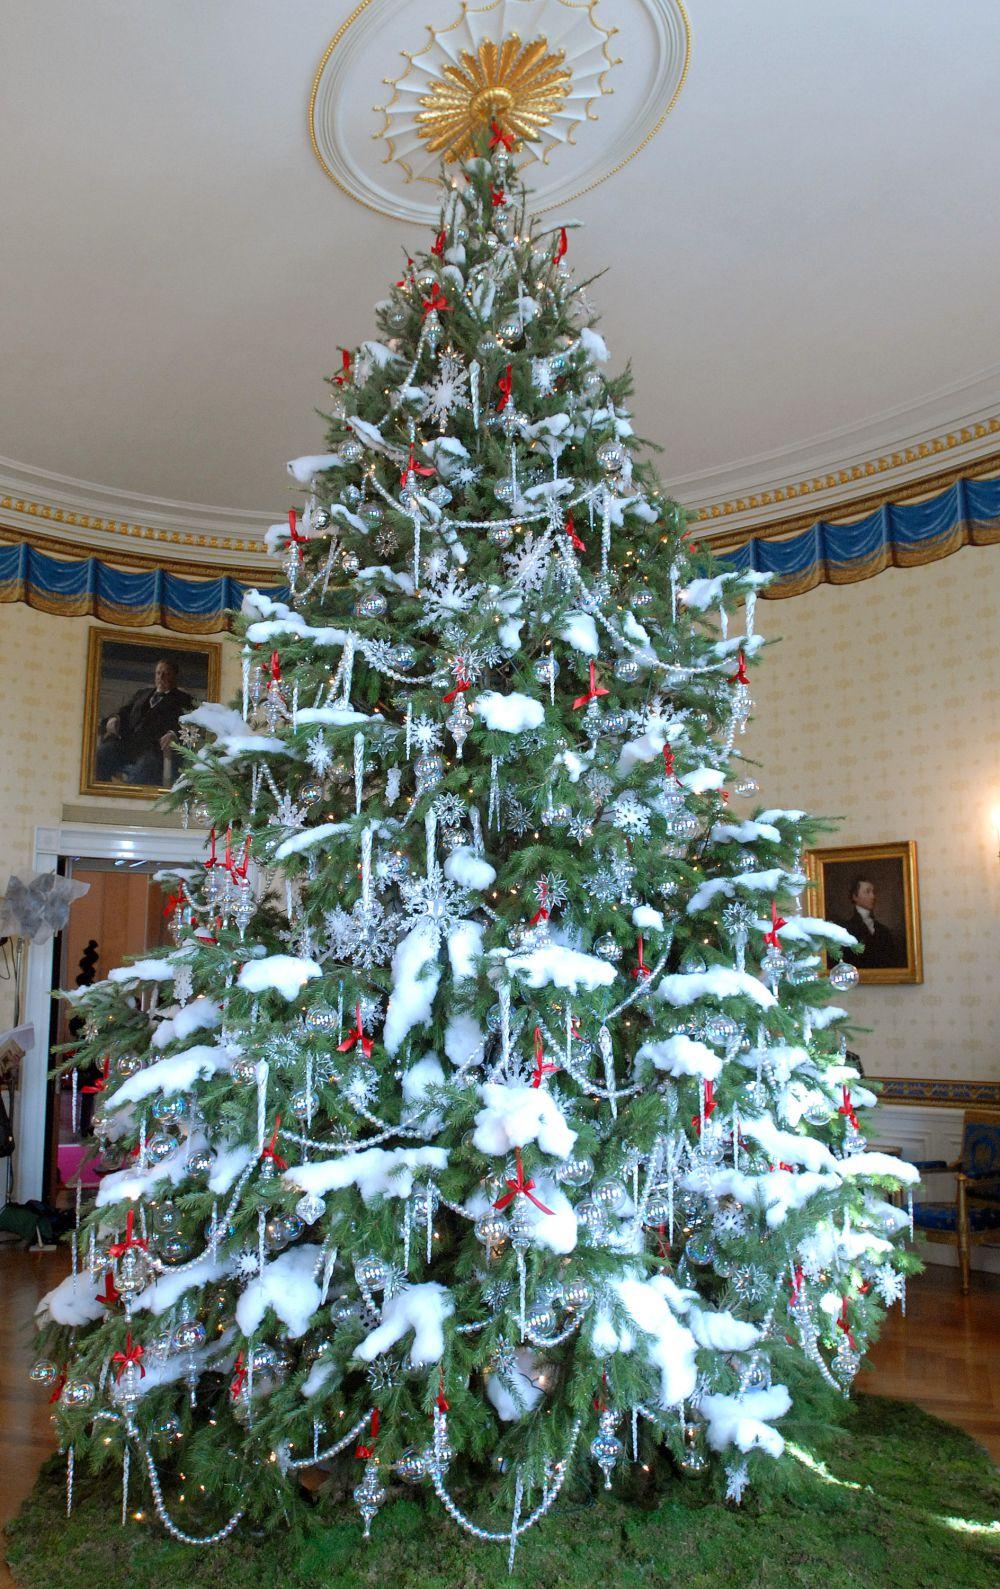 «Снежное очарование». Вспомните, как при дефиците товаров мы украшали елки с помощью ваты. В этом варианте декора новогоднего деревца руководствовались тем же принципом. Добавьте также большие белые бусины, нанизанные на нитки